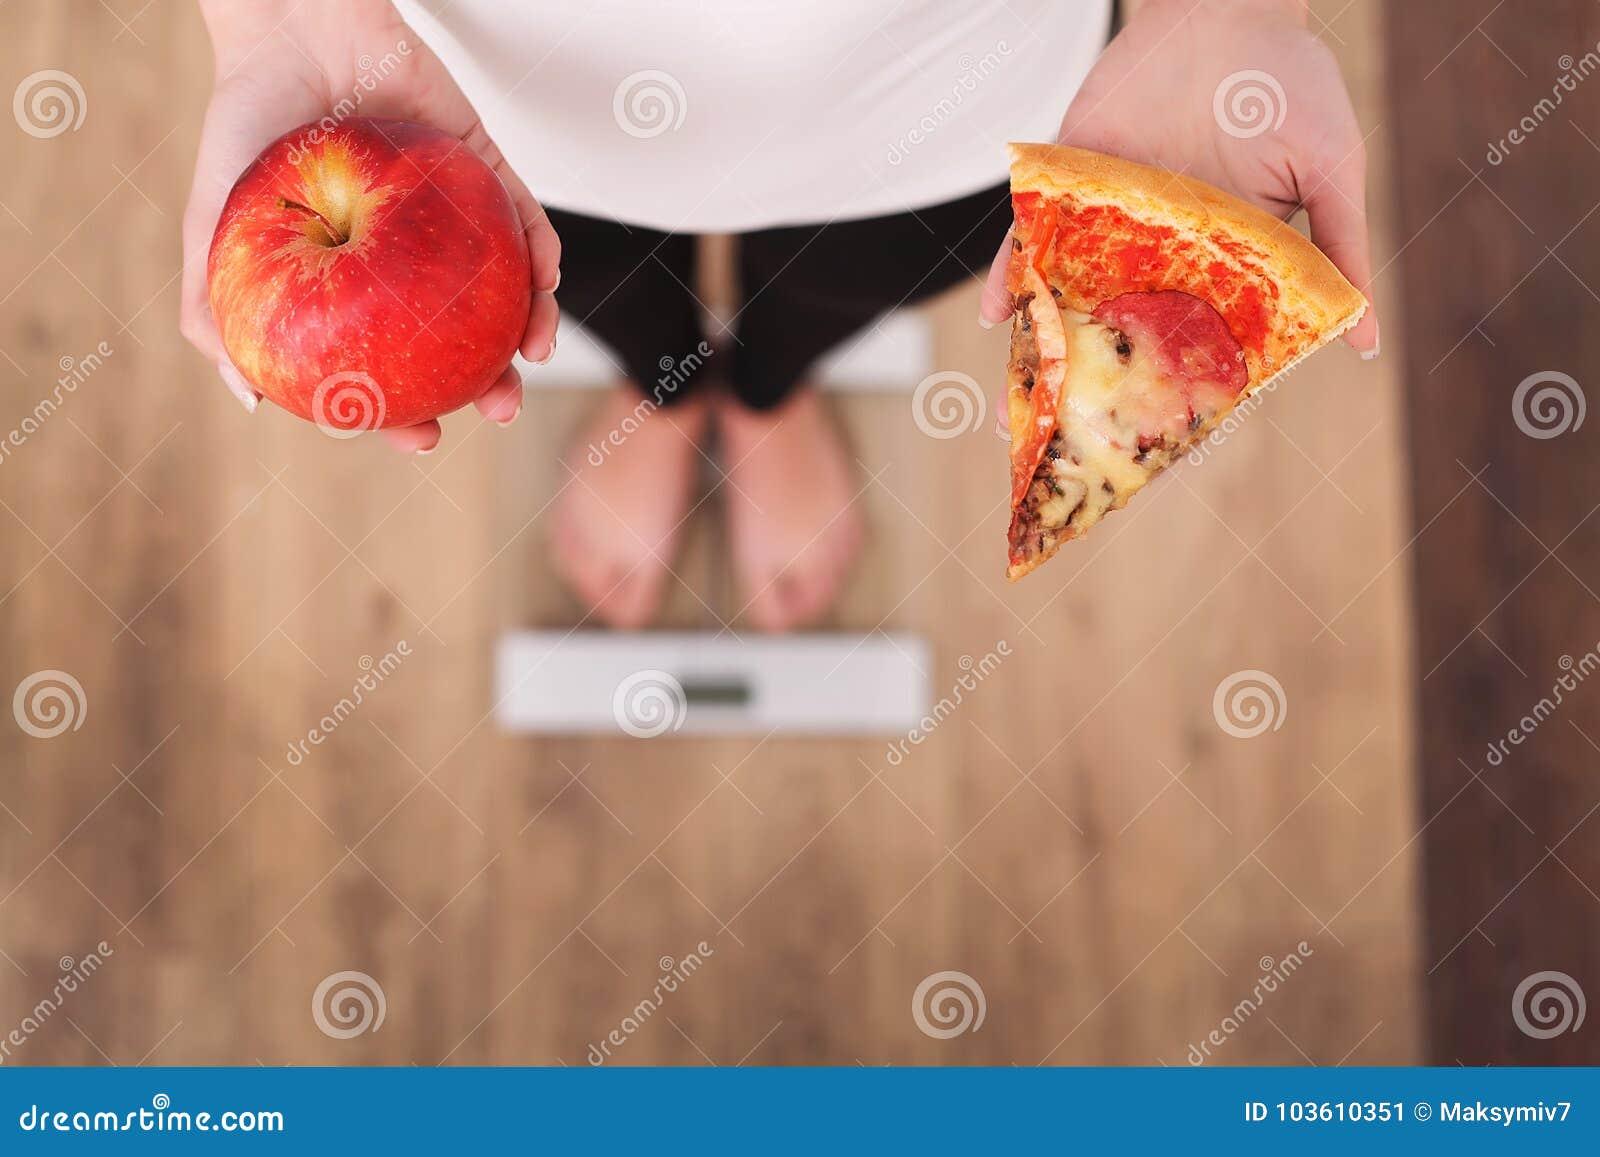 Dieta Peso corporal de medição da mulher na escala de peso que guarda a pizza Os doces são comida lixo insalubre Fazendo dieta, c